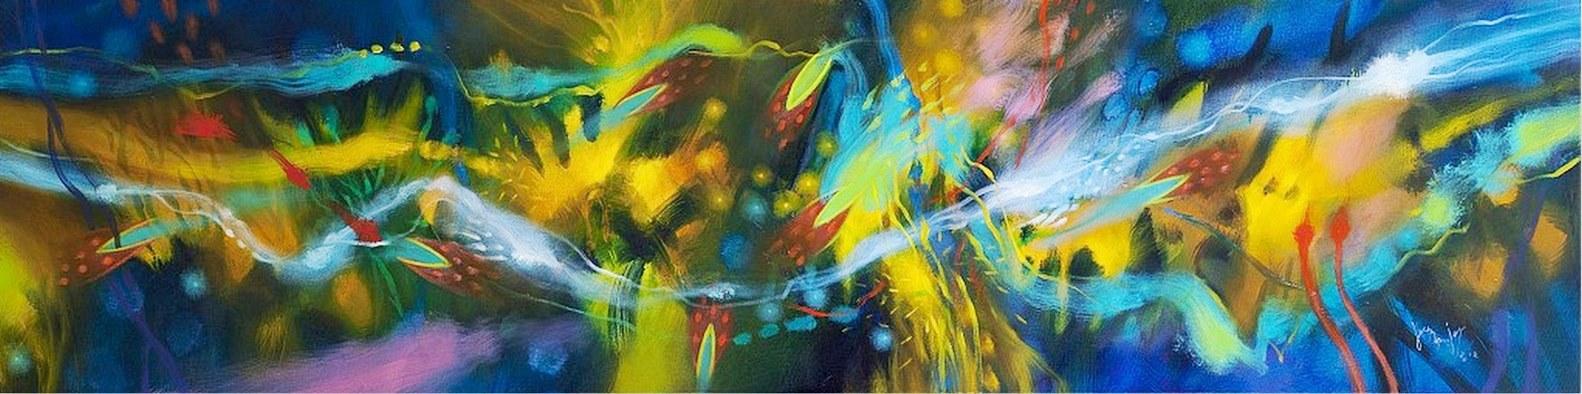 Cuadros pinturas oleos bonitos cuadros abstractos para sala for Imagenes de cuadros abstractos en blanco y negro